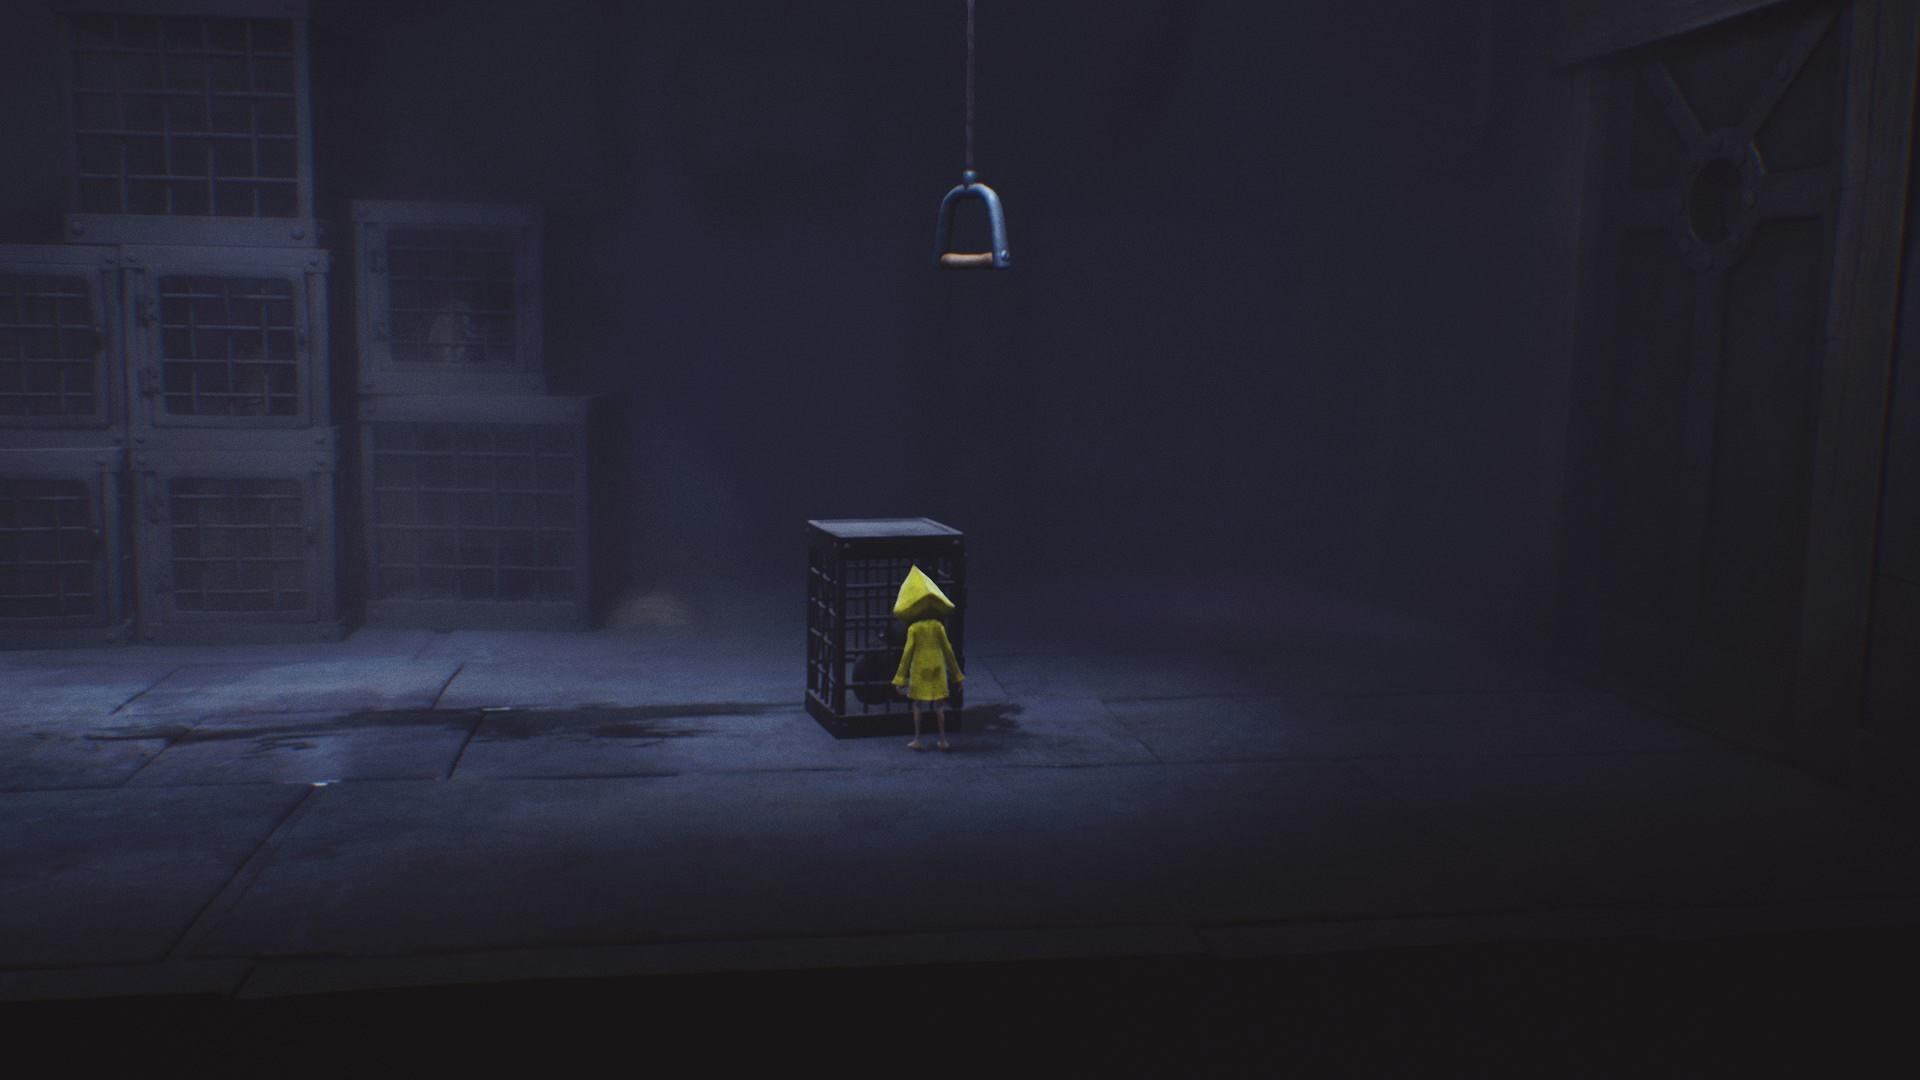 Przesuń klatkę pod dźwignię. - Ucieczka z klatki i pierwsze spotkanie z niewidomą istotą | The Lair - Little Nightmares - poradnik do gry